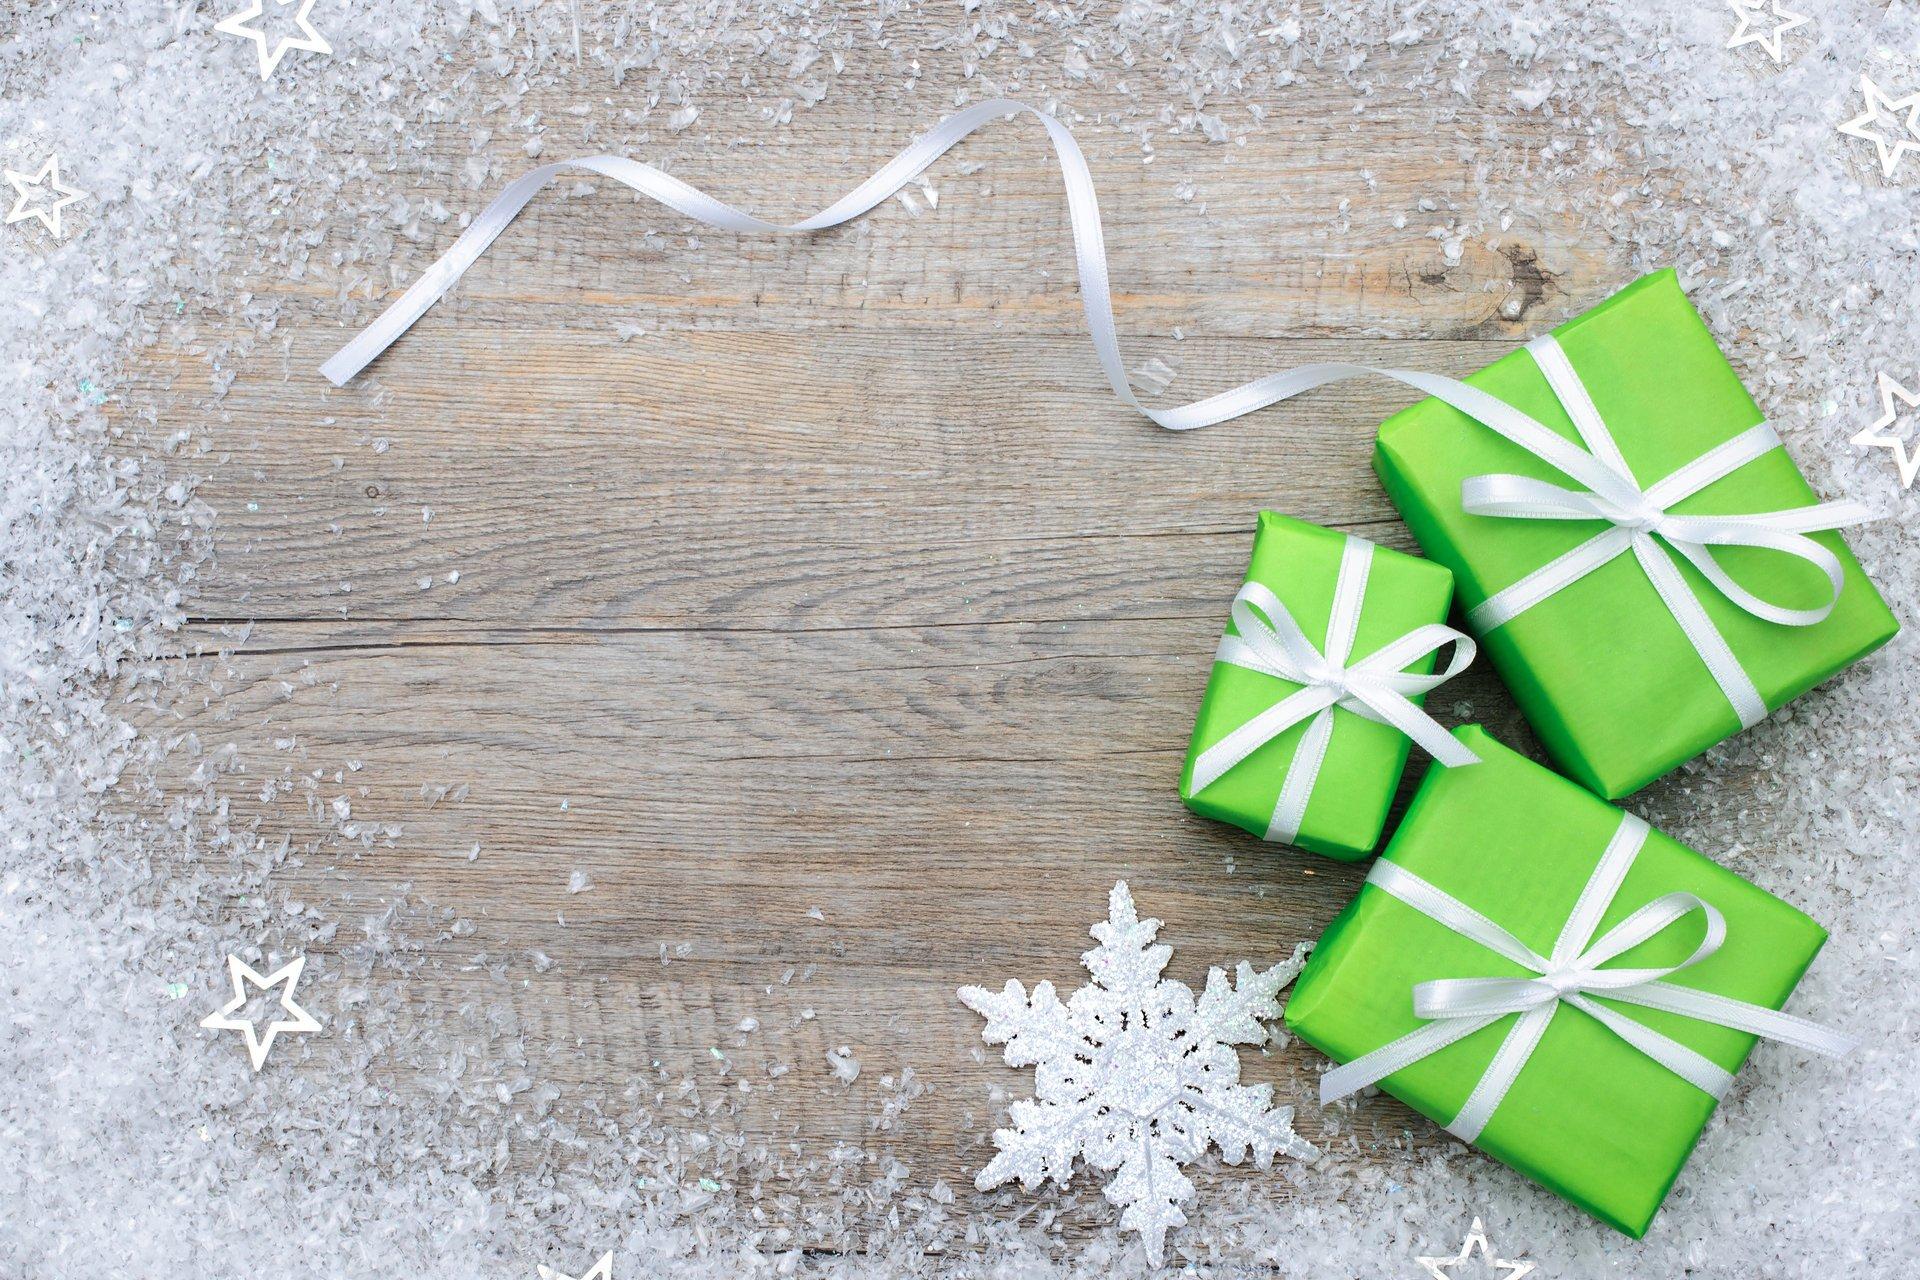 данные открытки для новогодних подарков узнать, как